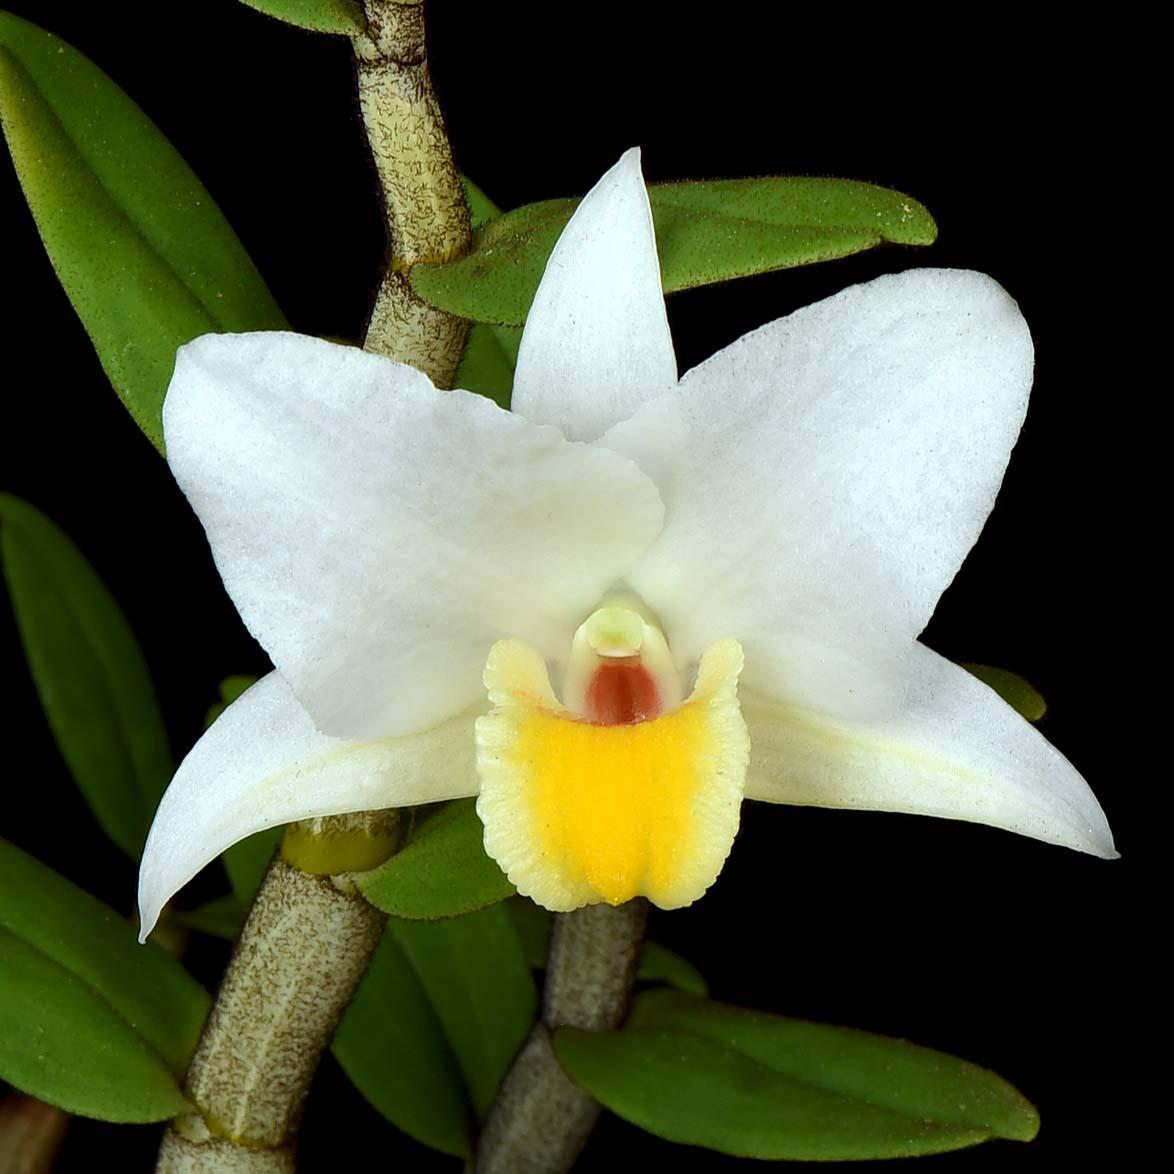 Dendrobium ovipositoriferum